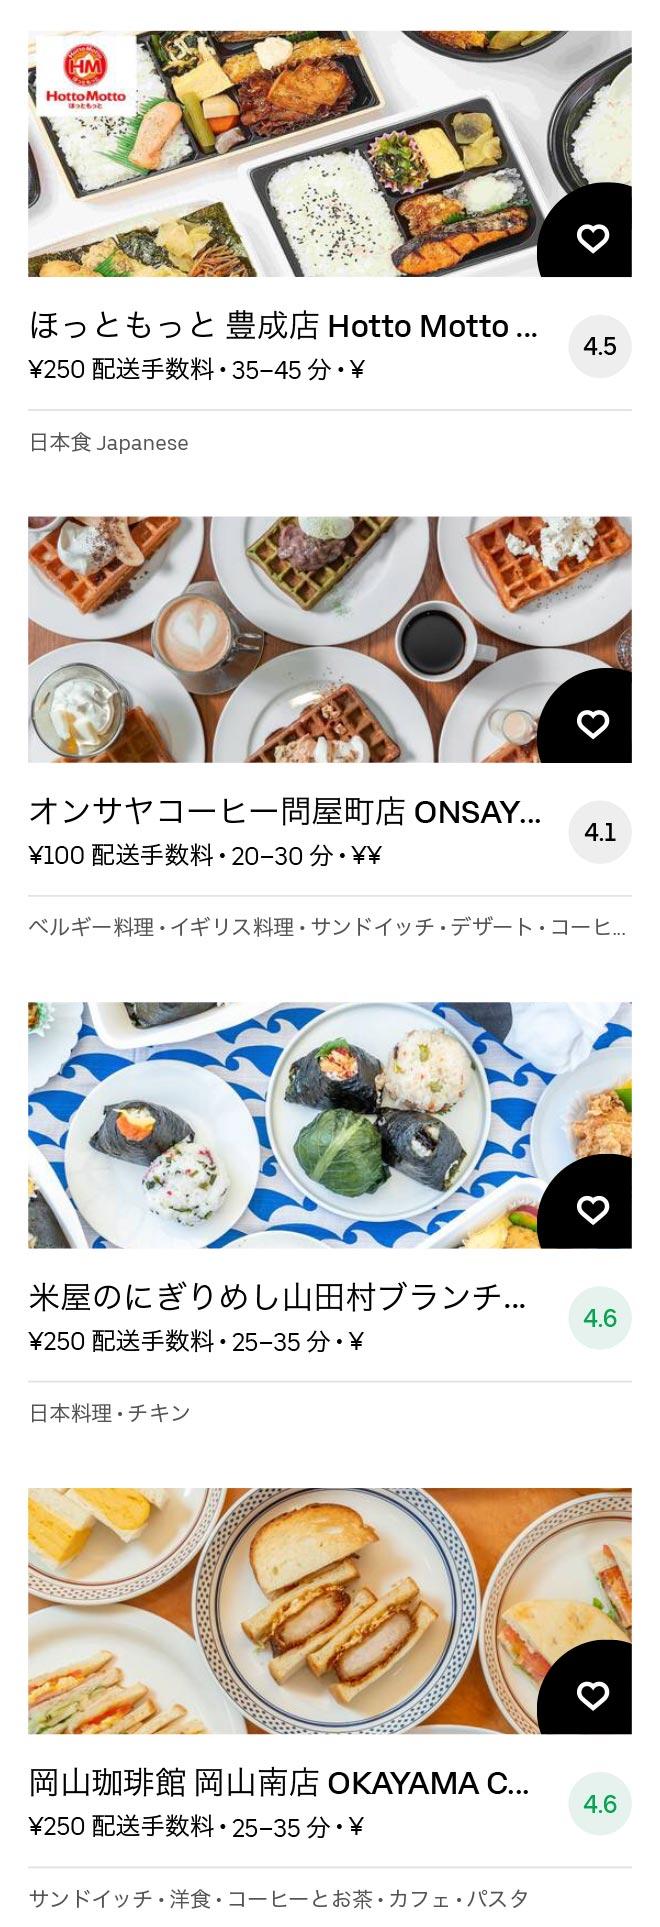 Bizen nishiichi menu 2011 09